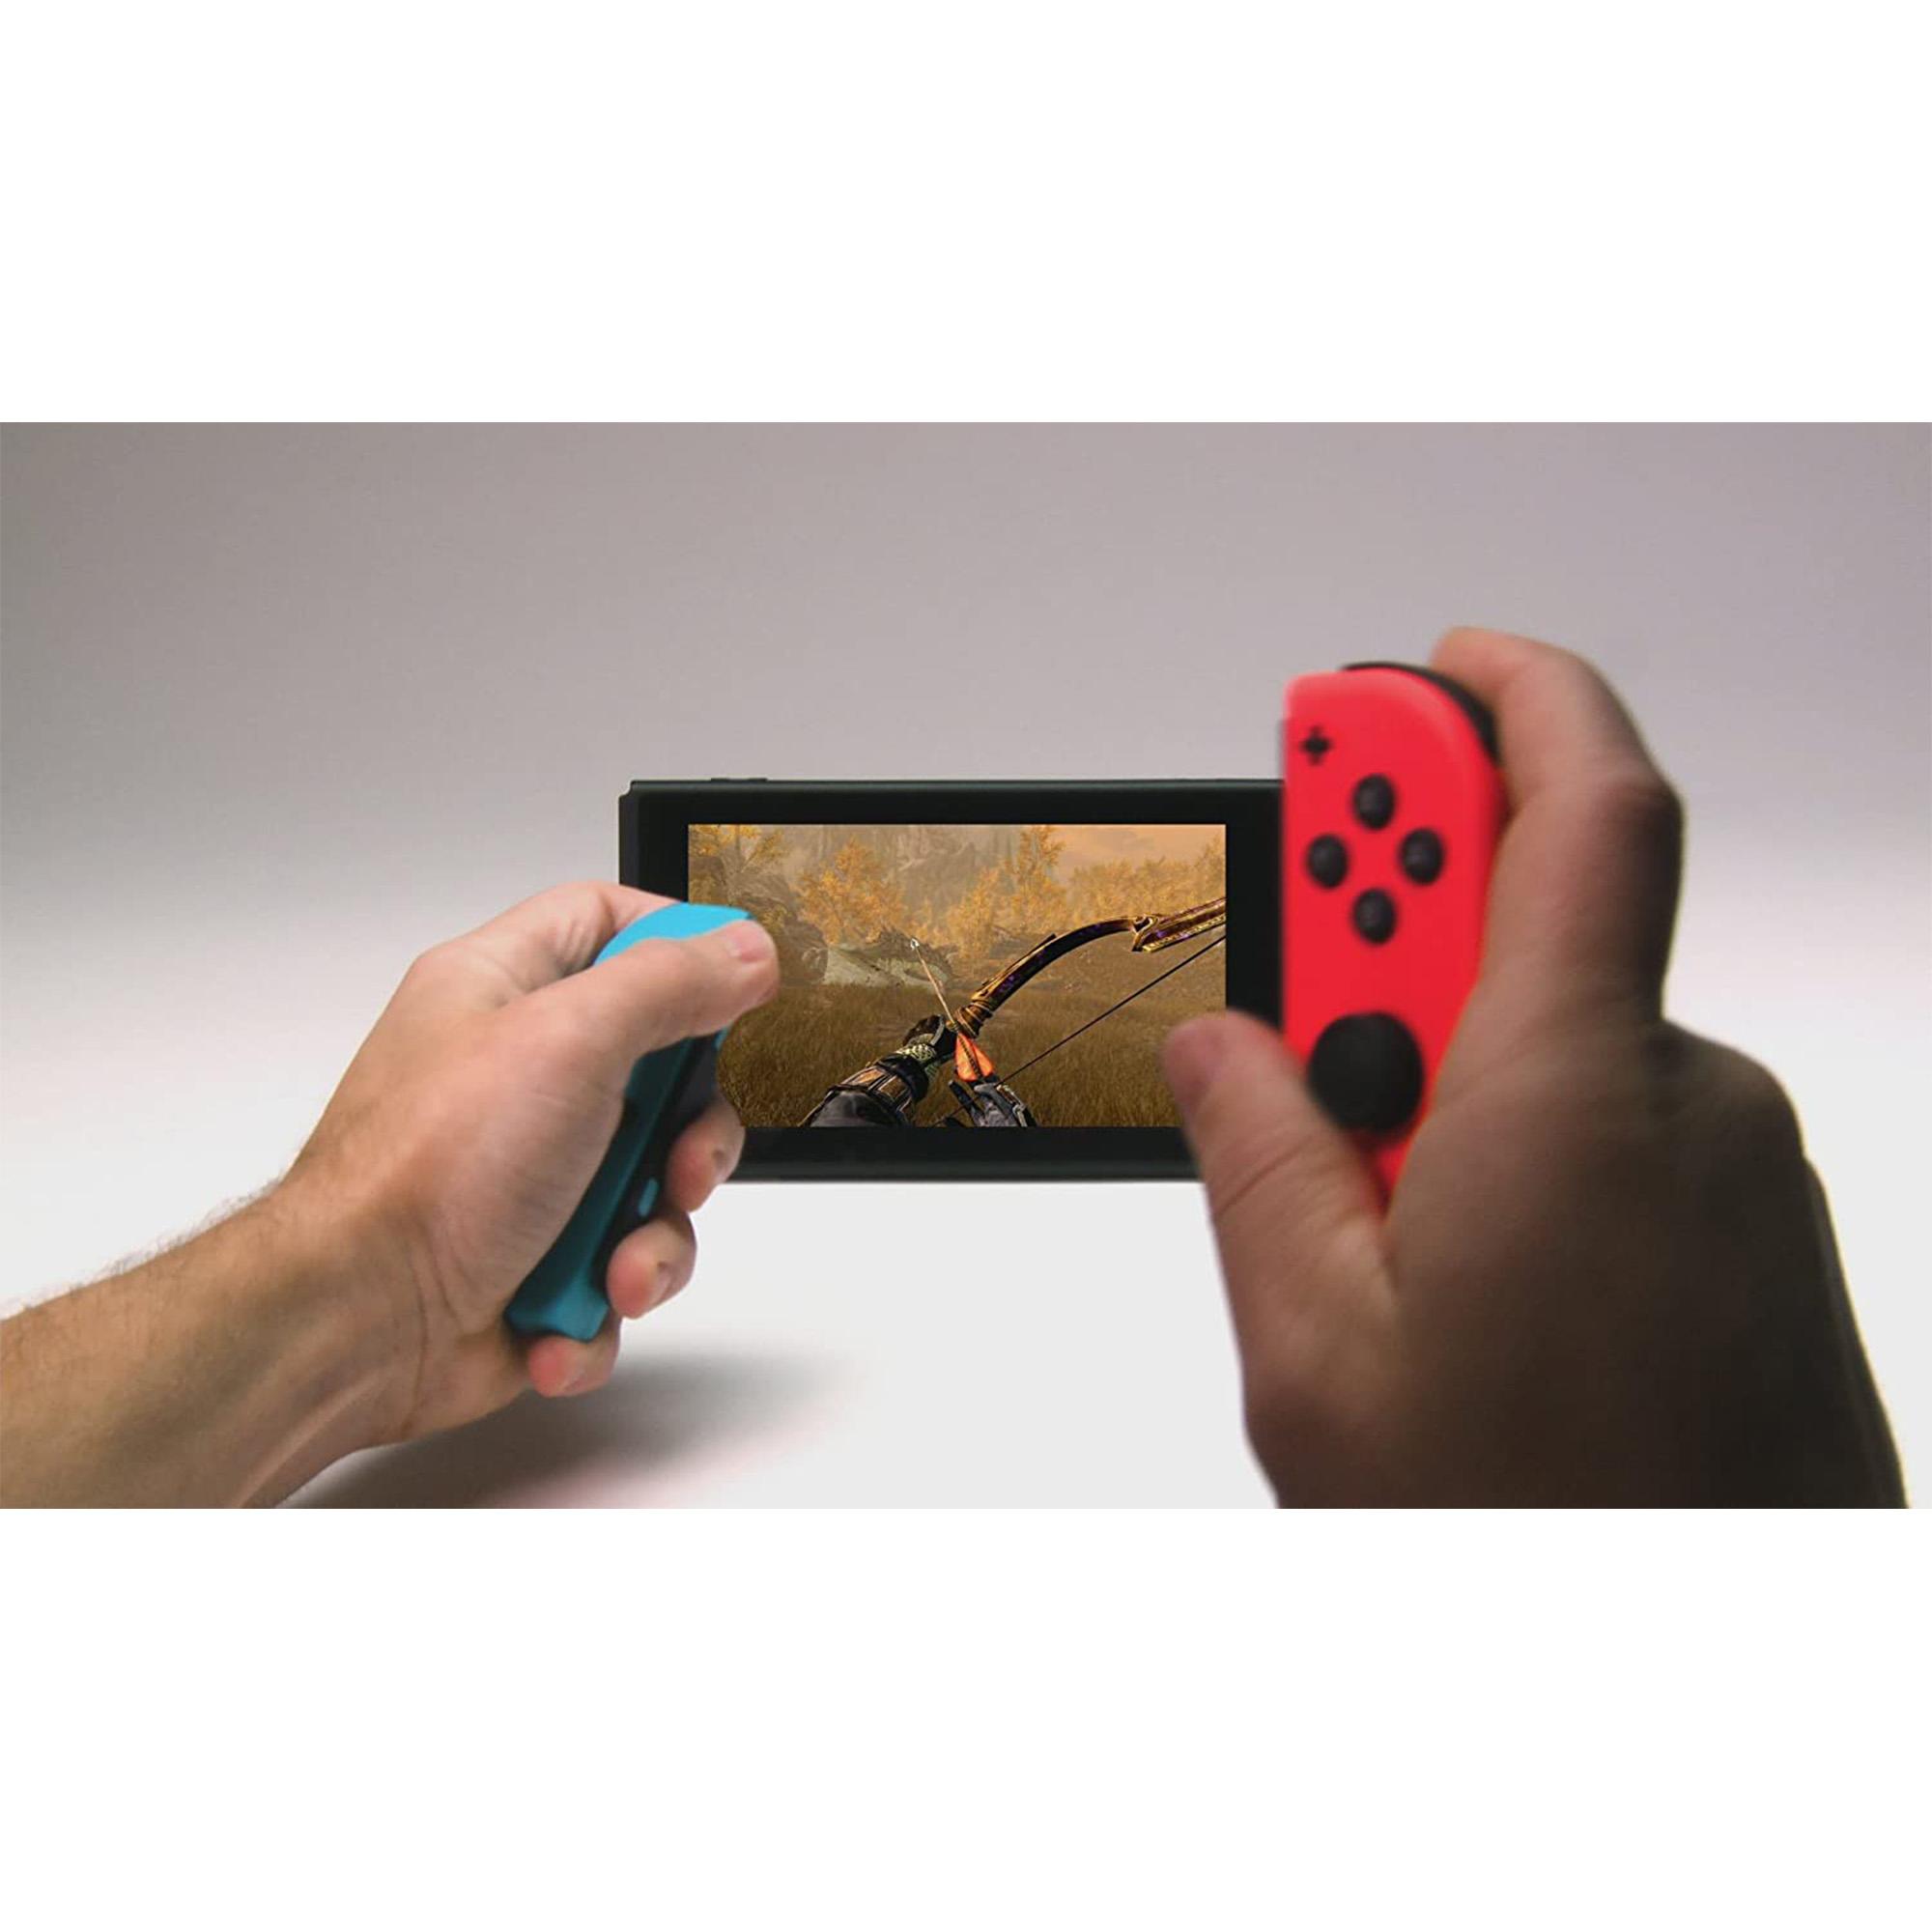 The Elder Scrolls V: Skyrim - Nintendo Switch